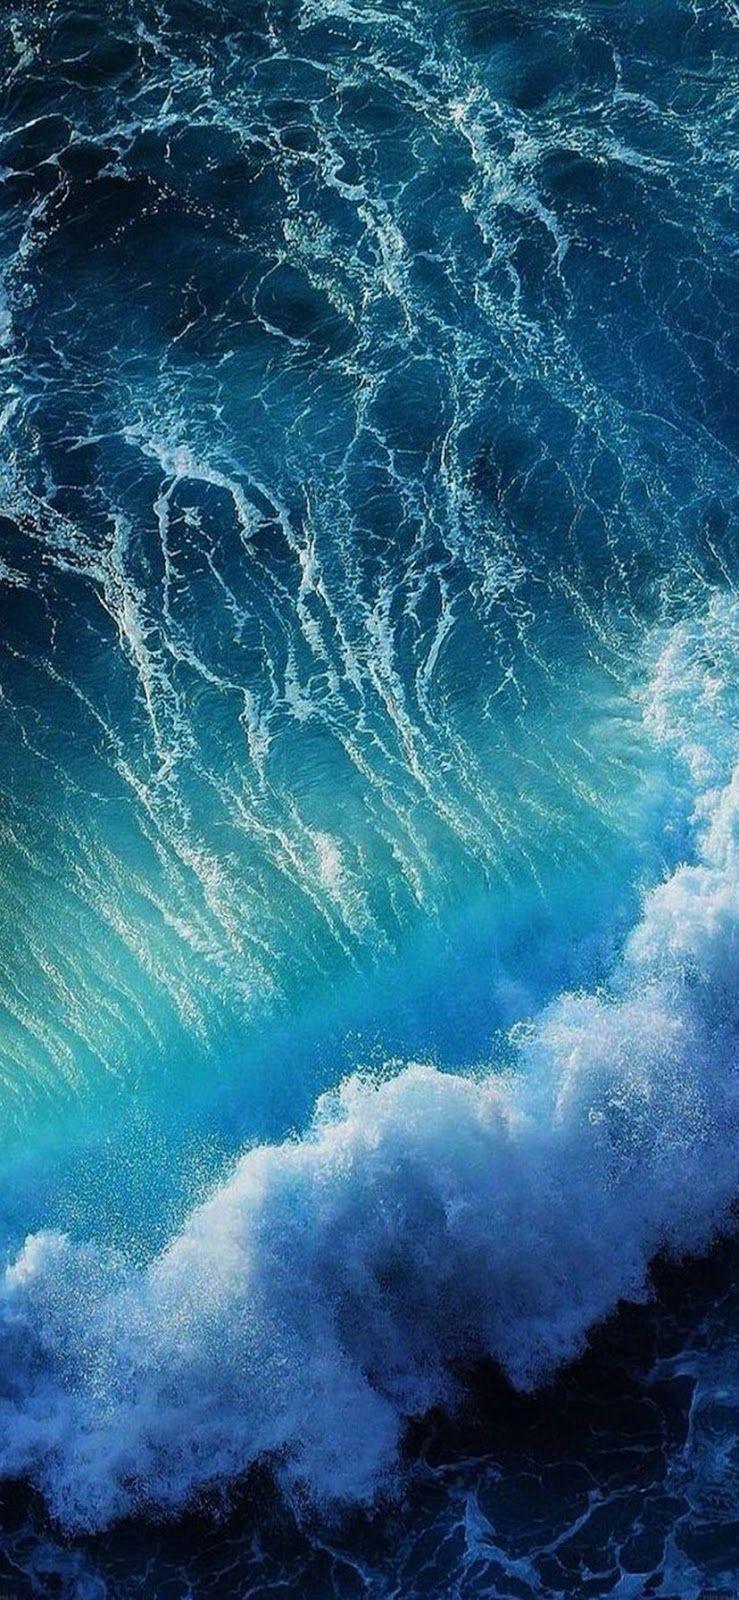 iPhone 11 Wallpaper HD 4k Download in 2020 Ocean